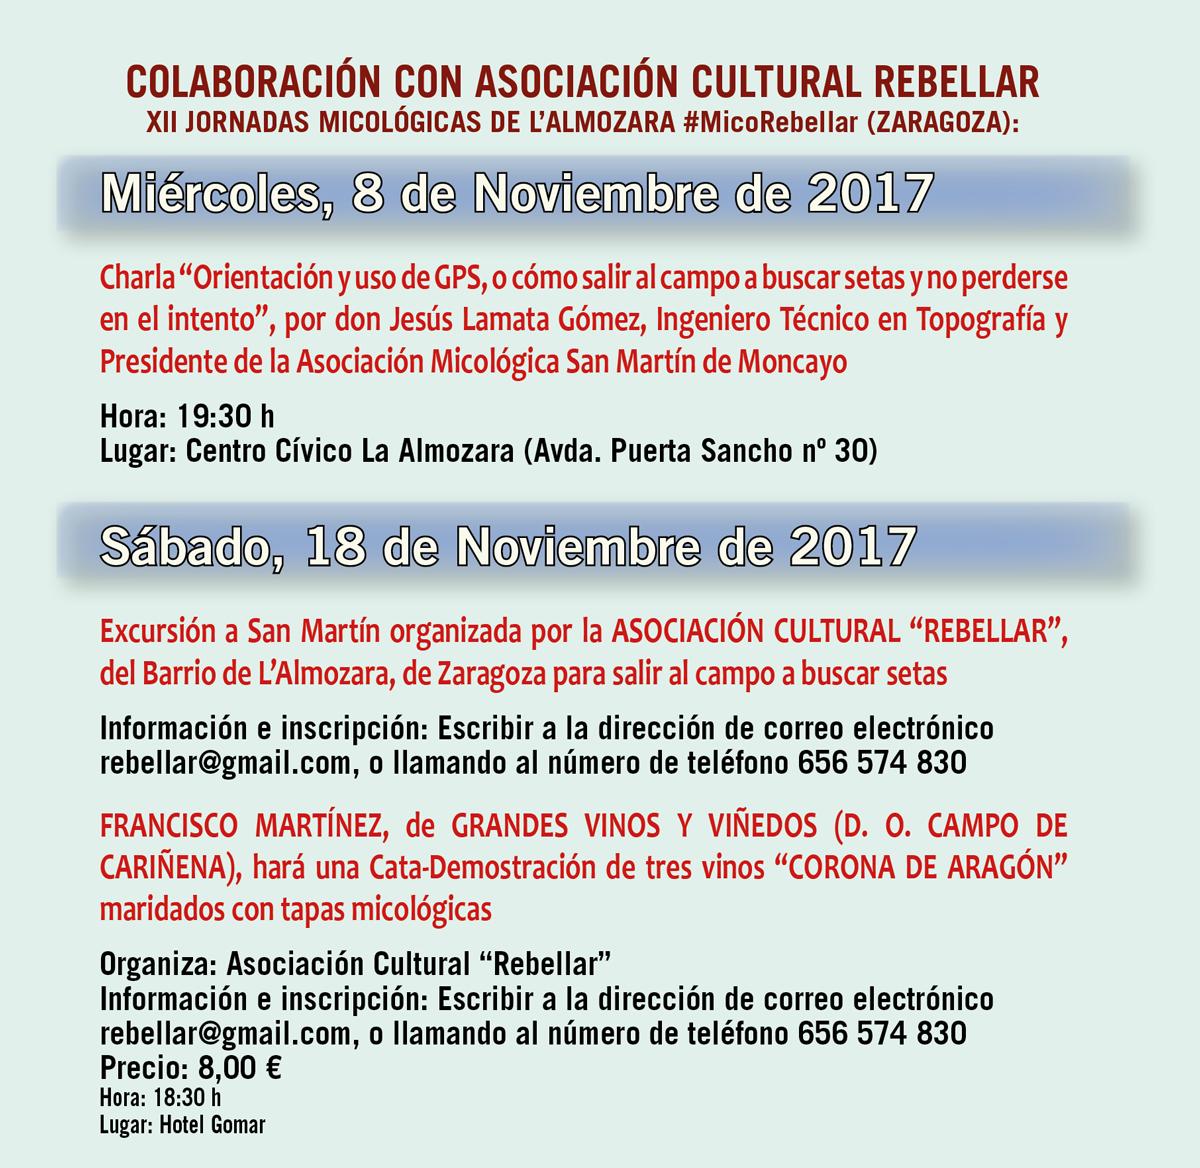 XIV Jornadas Micológicas Otoño 2017 #MicoMoncayo - San Martín de la Virgen de Moncayo - Colaboración con Asociación Cultural Rebellar